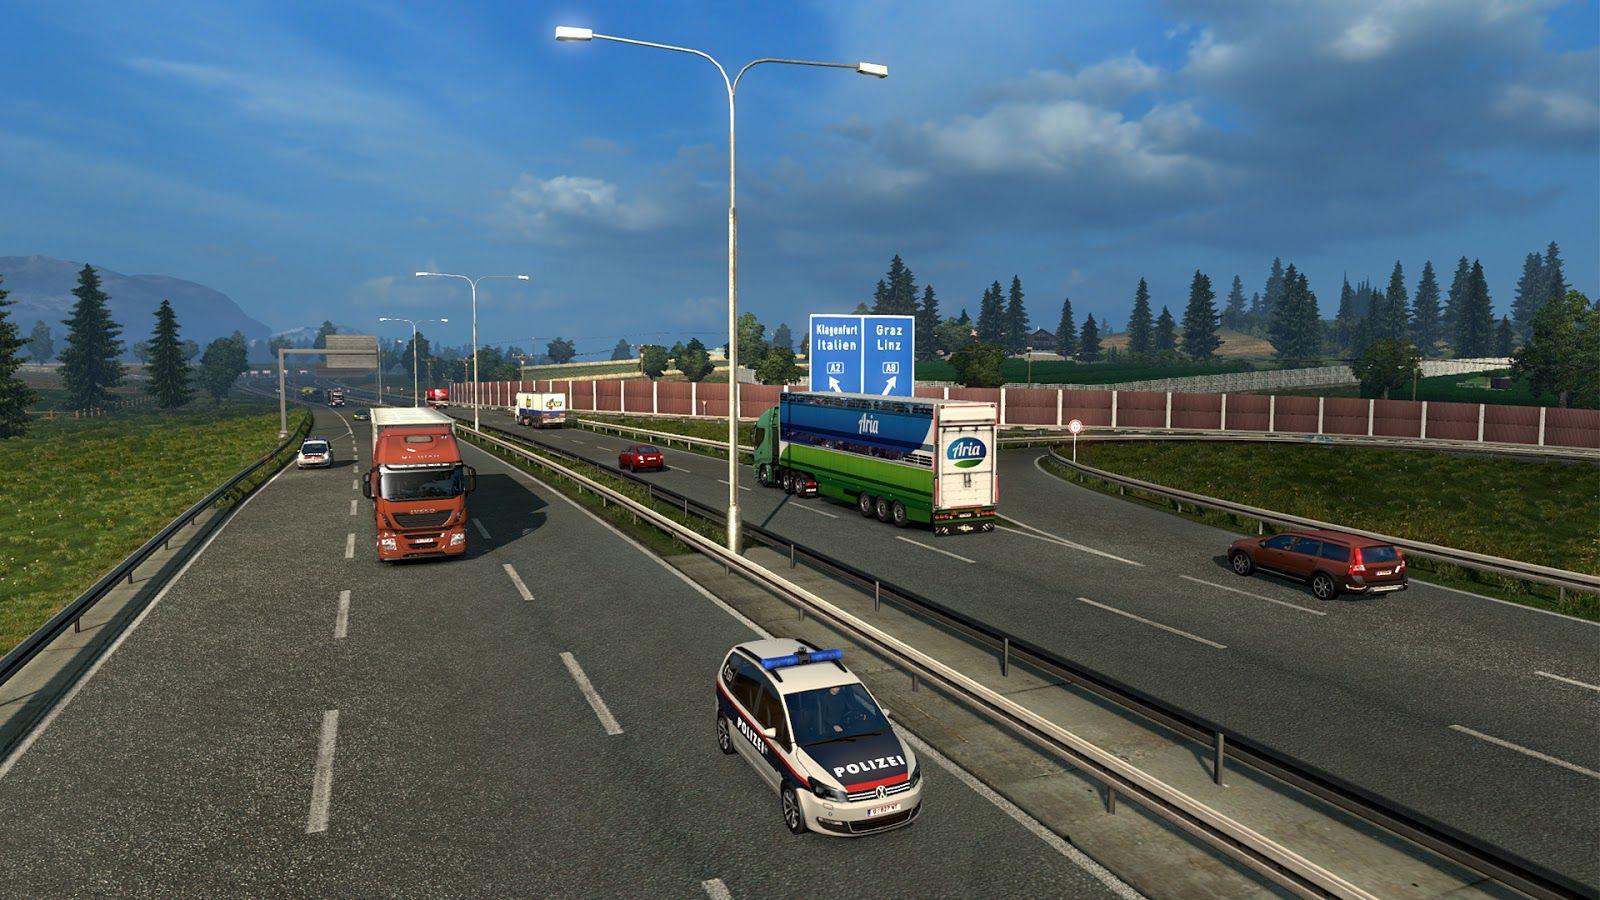 Полицейские машины в трафике ETS 2 в обновлении 1.27